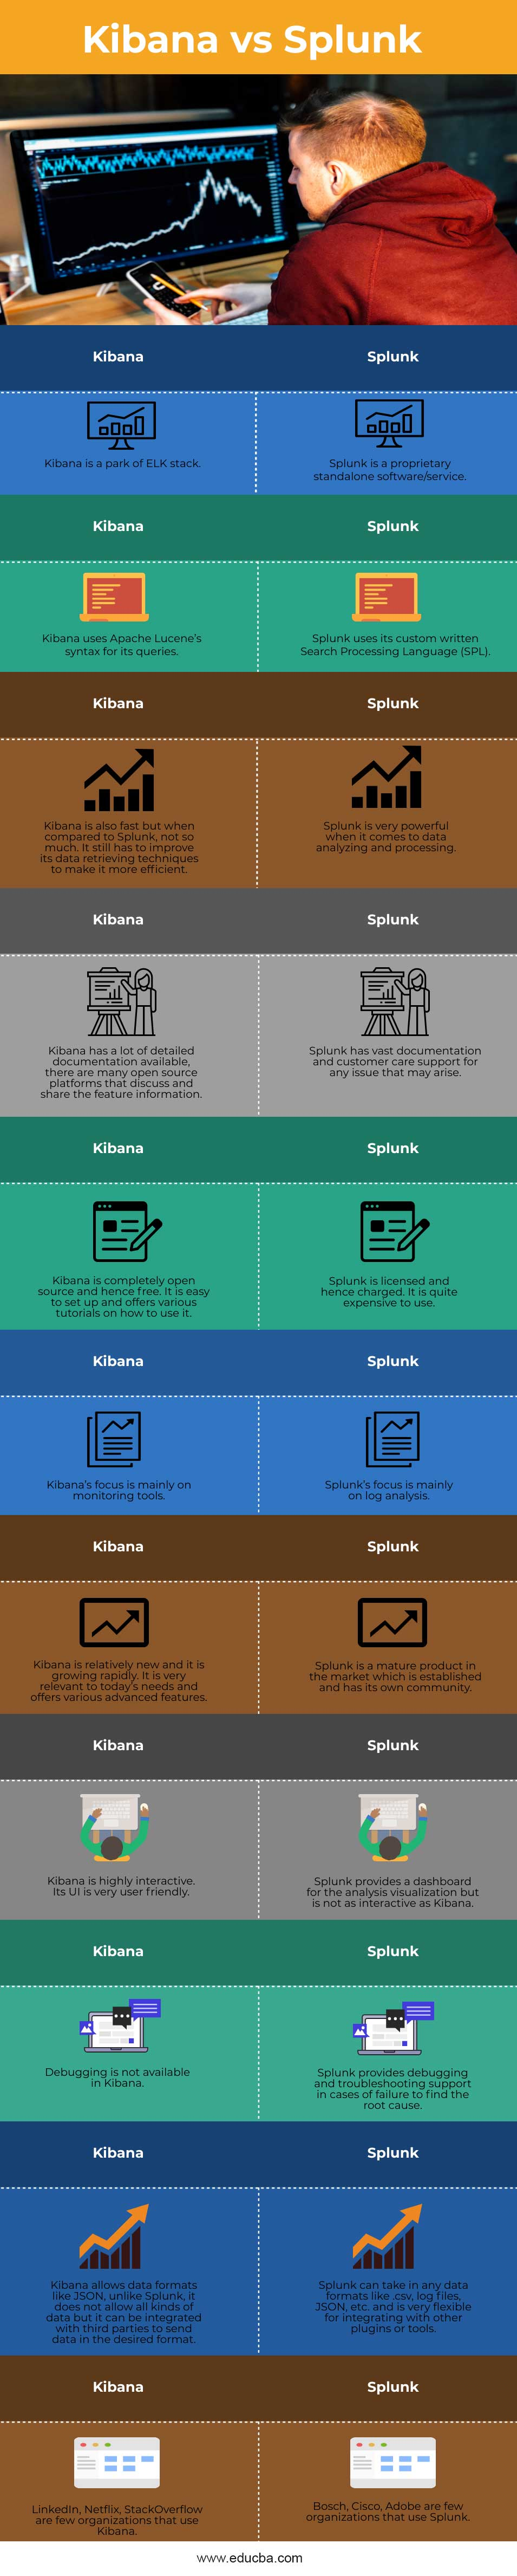 kibana-vs-splunk-info